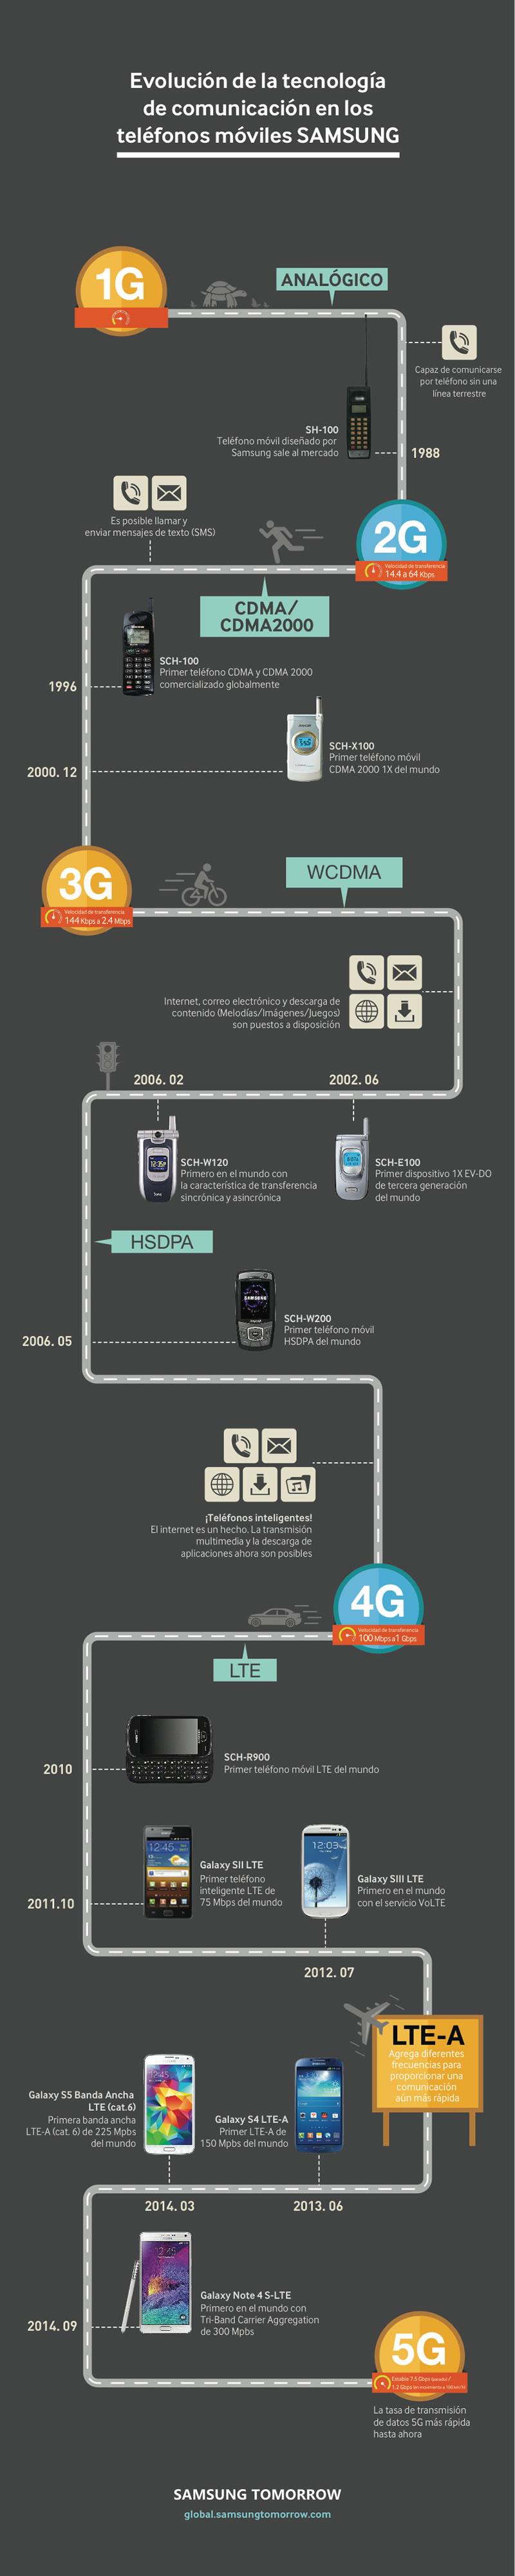 Evolución de los celulares Samsung en su tecnología de comunicación - Evolucion-celulares-Samsung